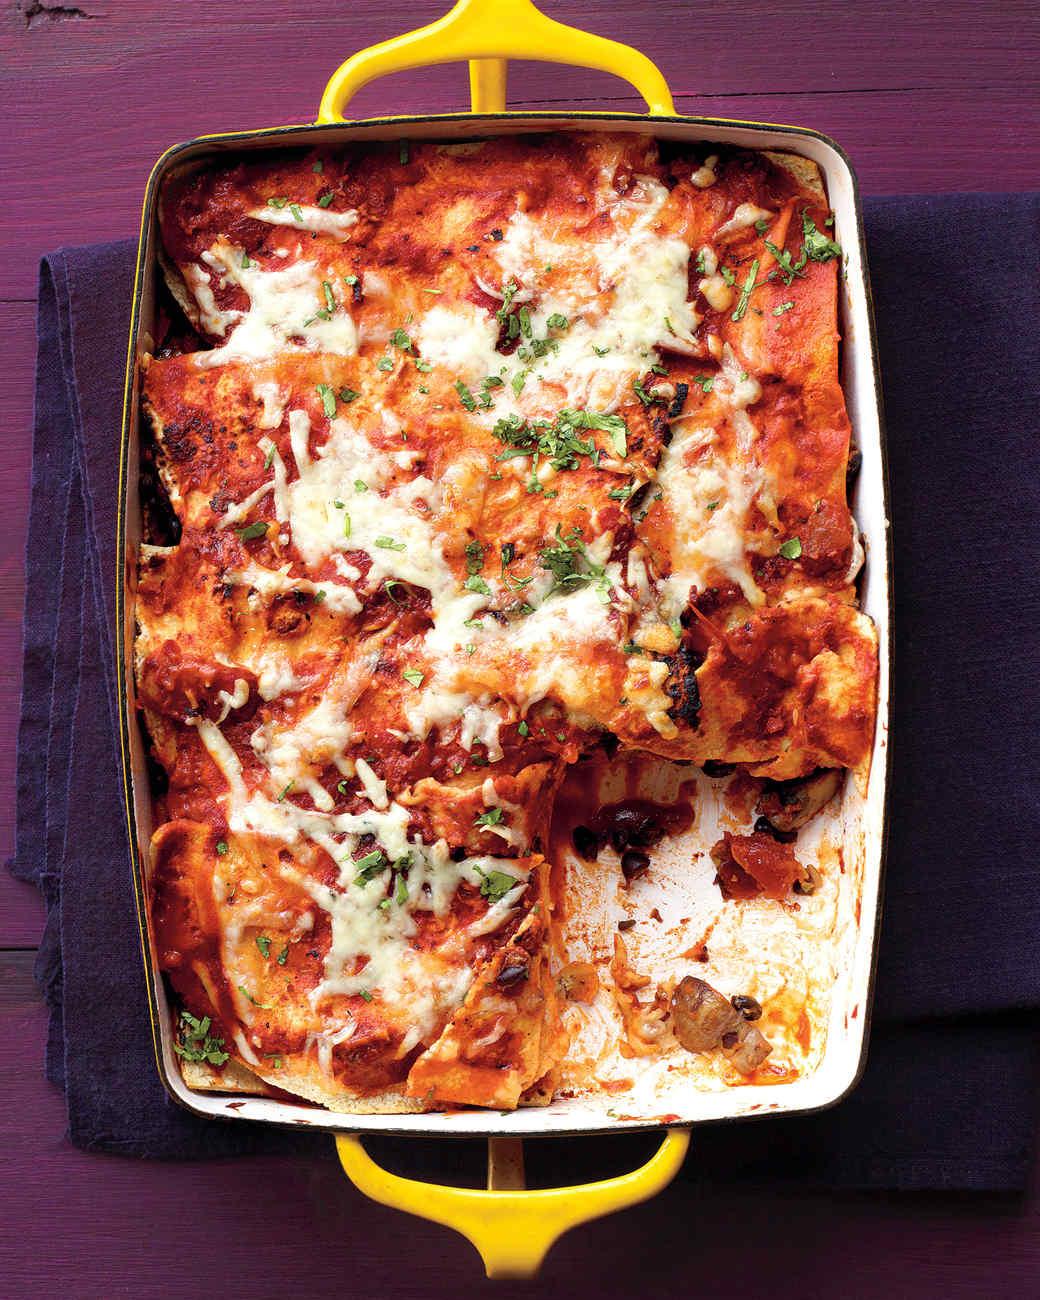 med106461_0111_bag_tortilla_casserole.jpg